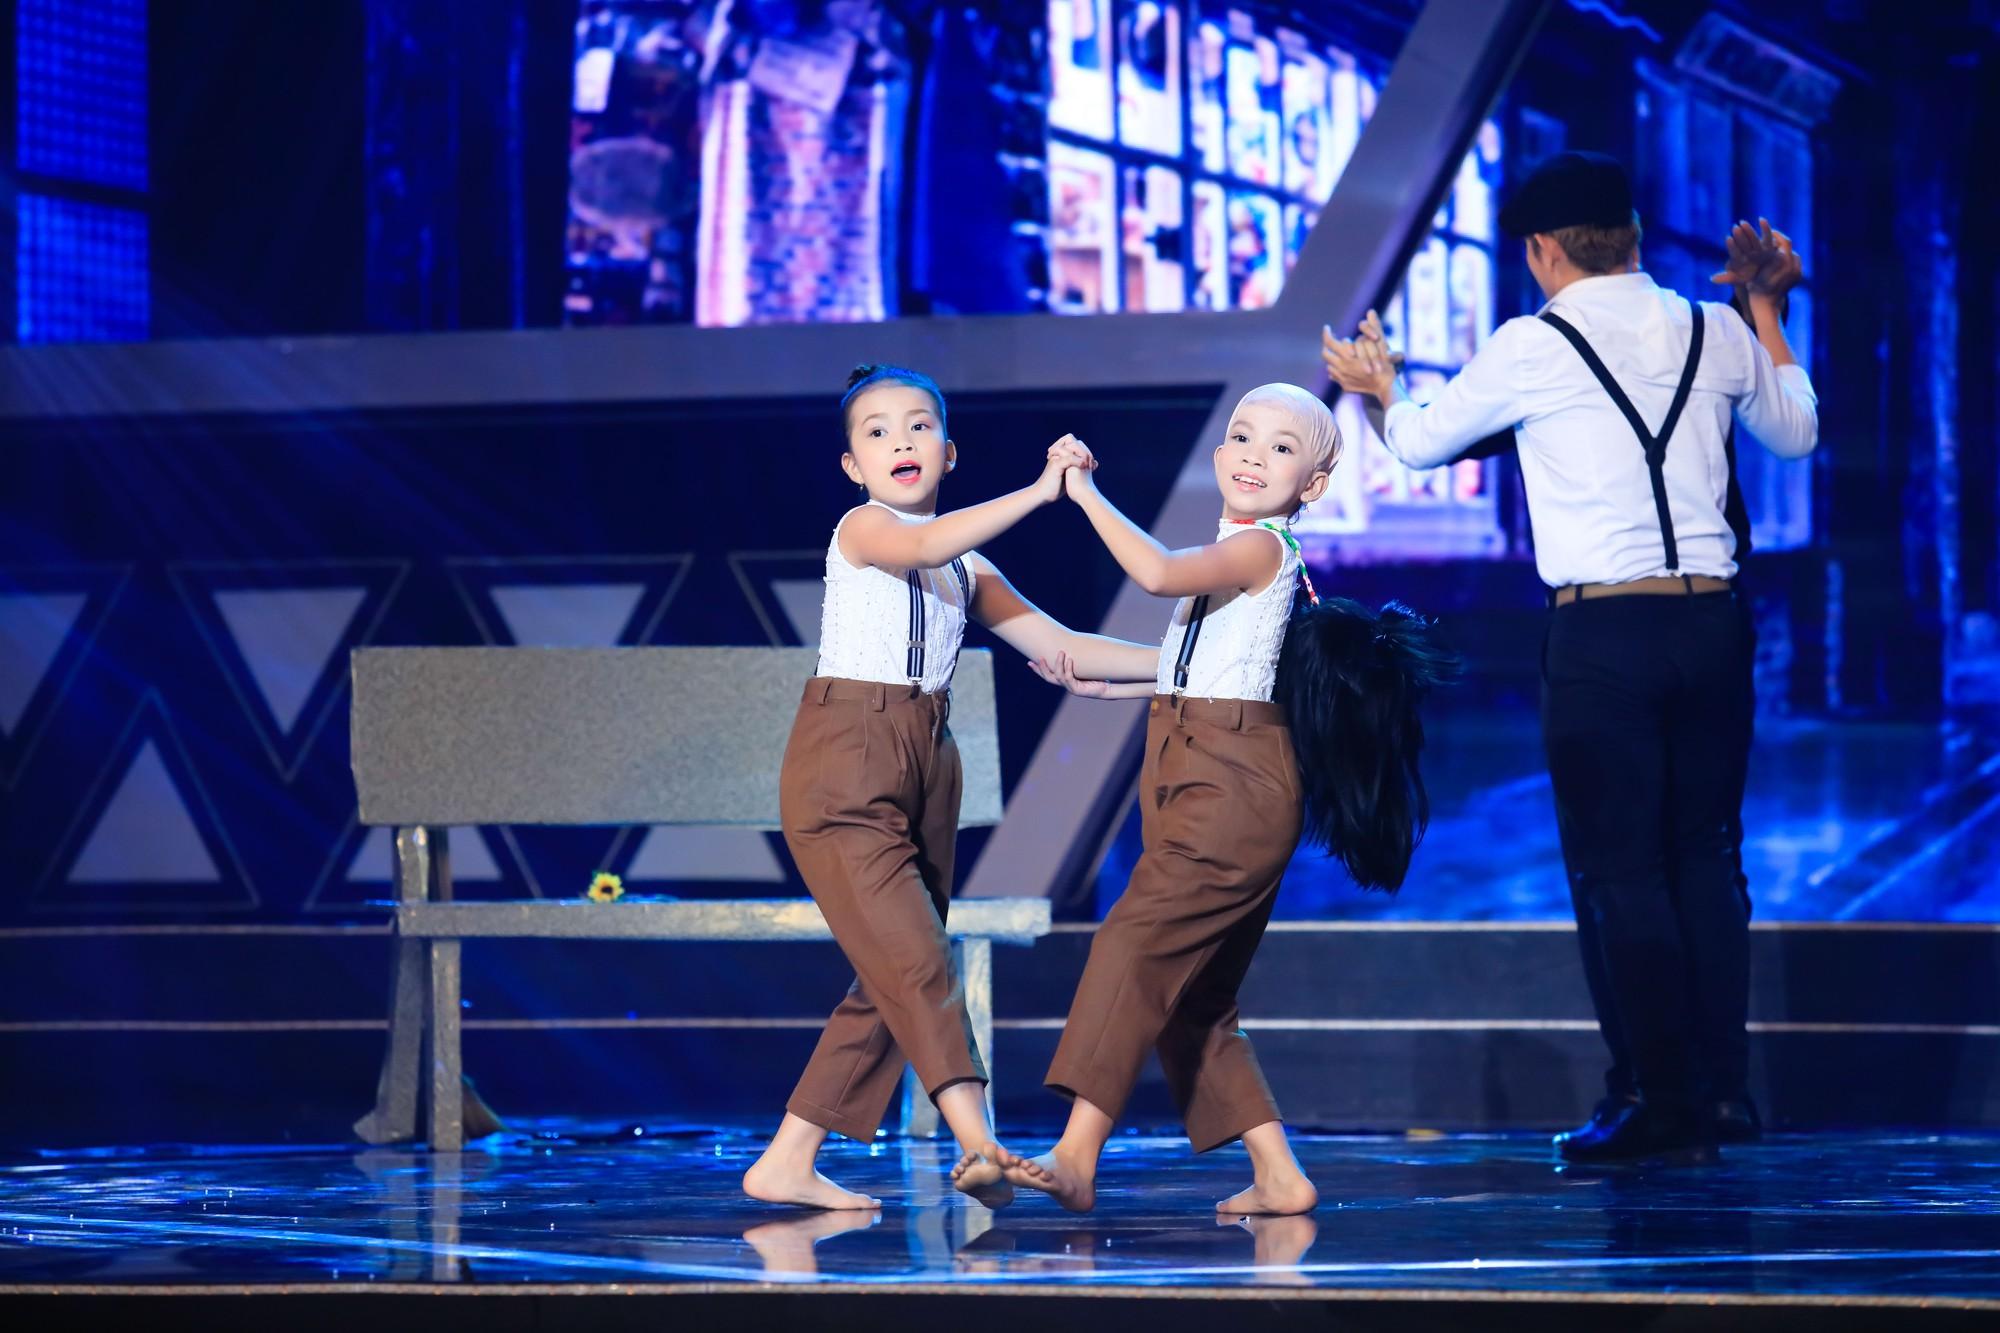 Phạm Lịch ngậm ngùi nhớ lại cảnh từng bị ném gạch khi đang biểu diễn - Ảnh 3.